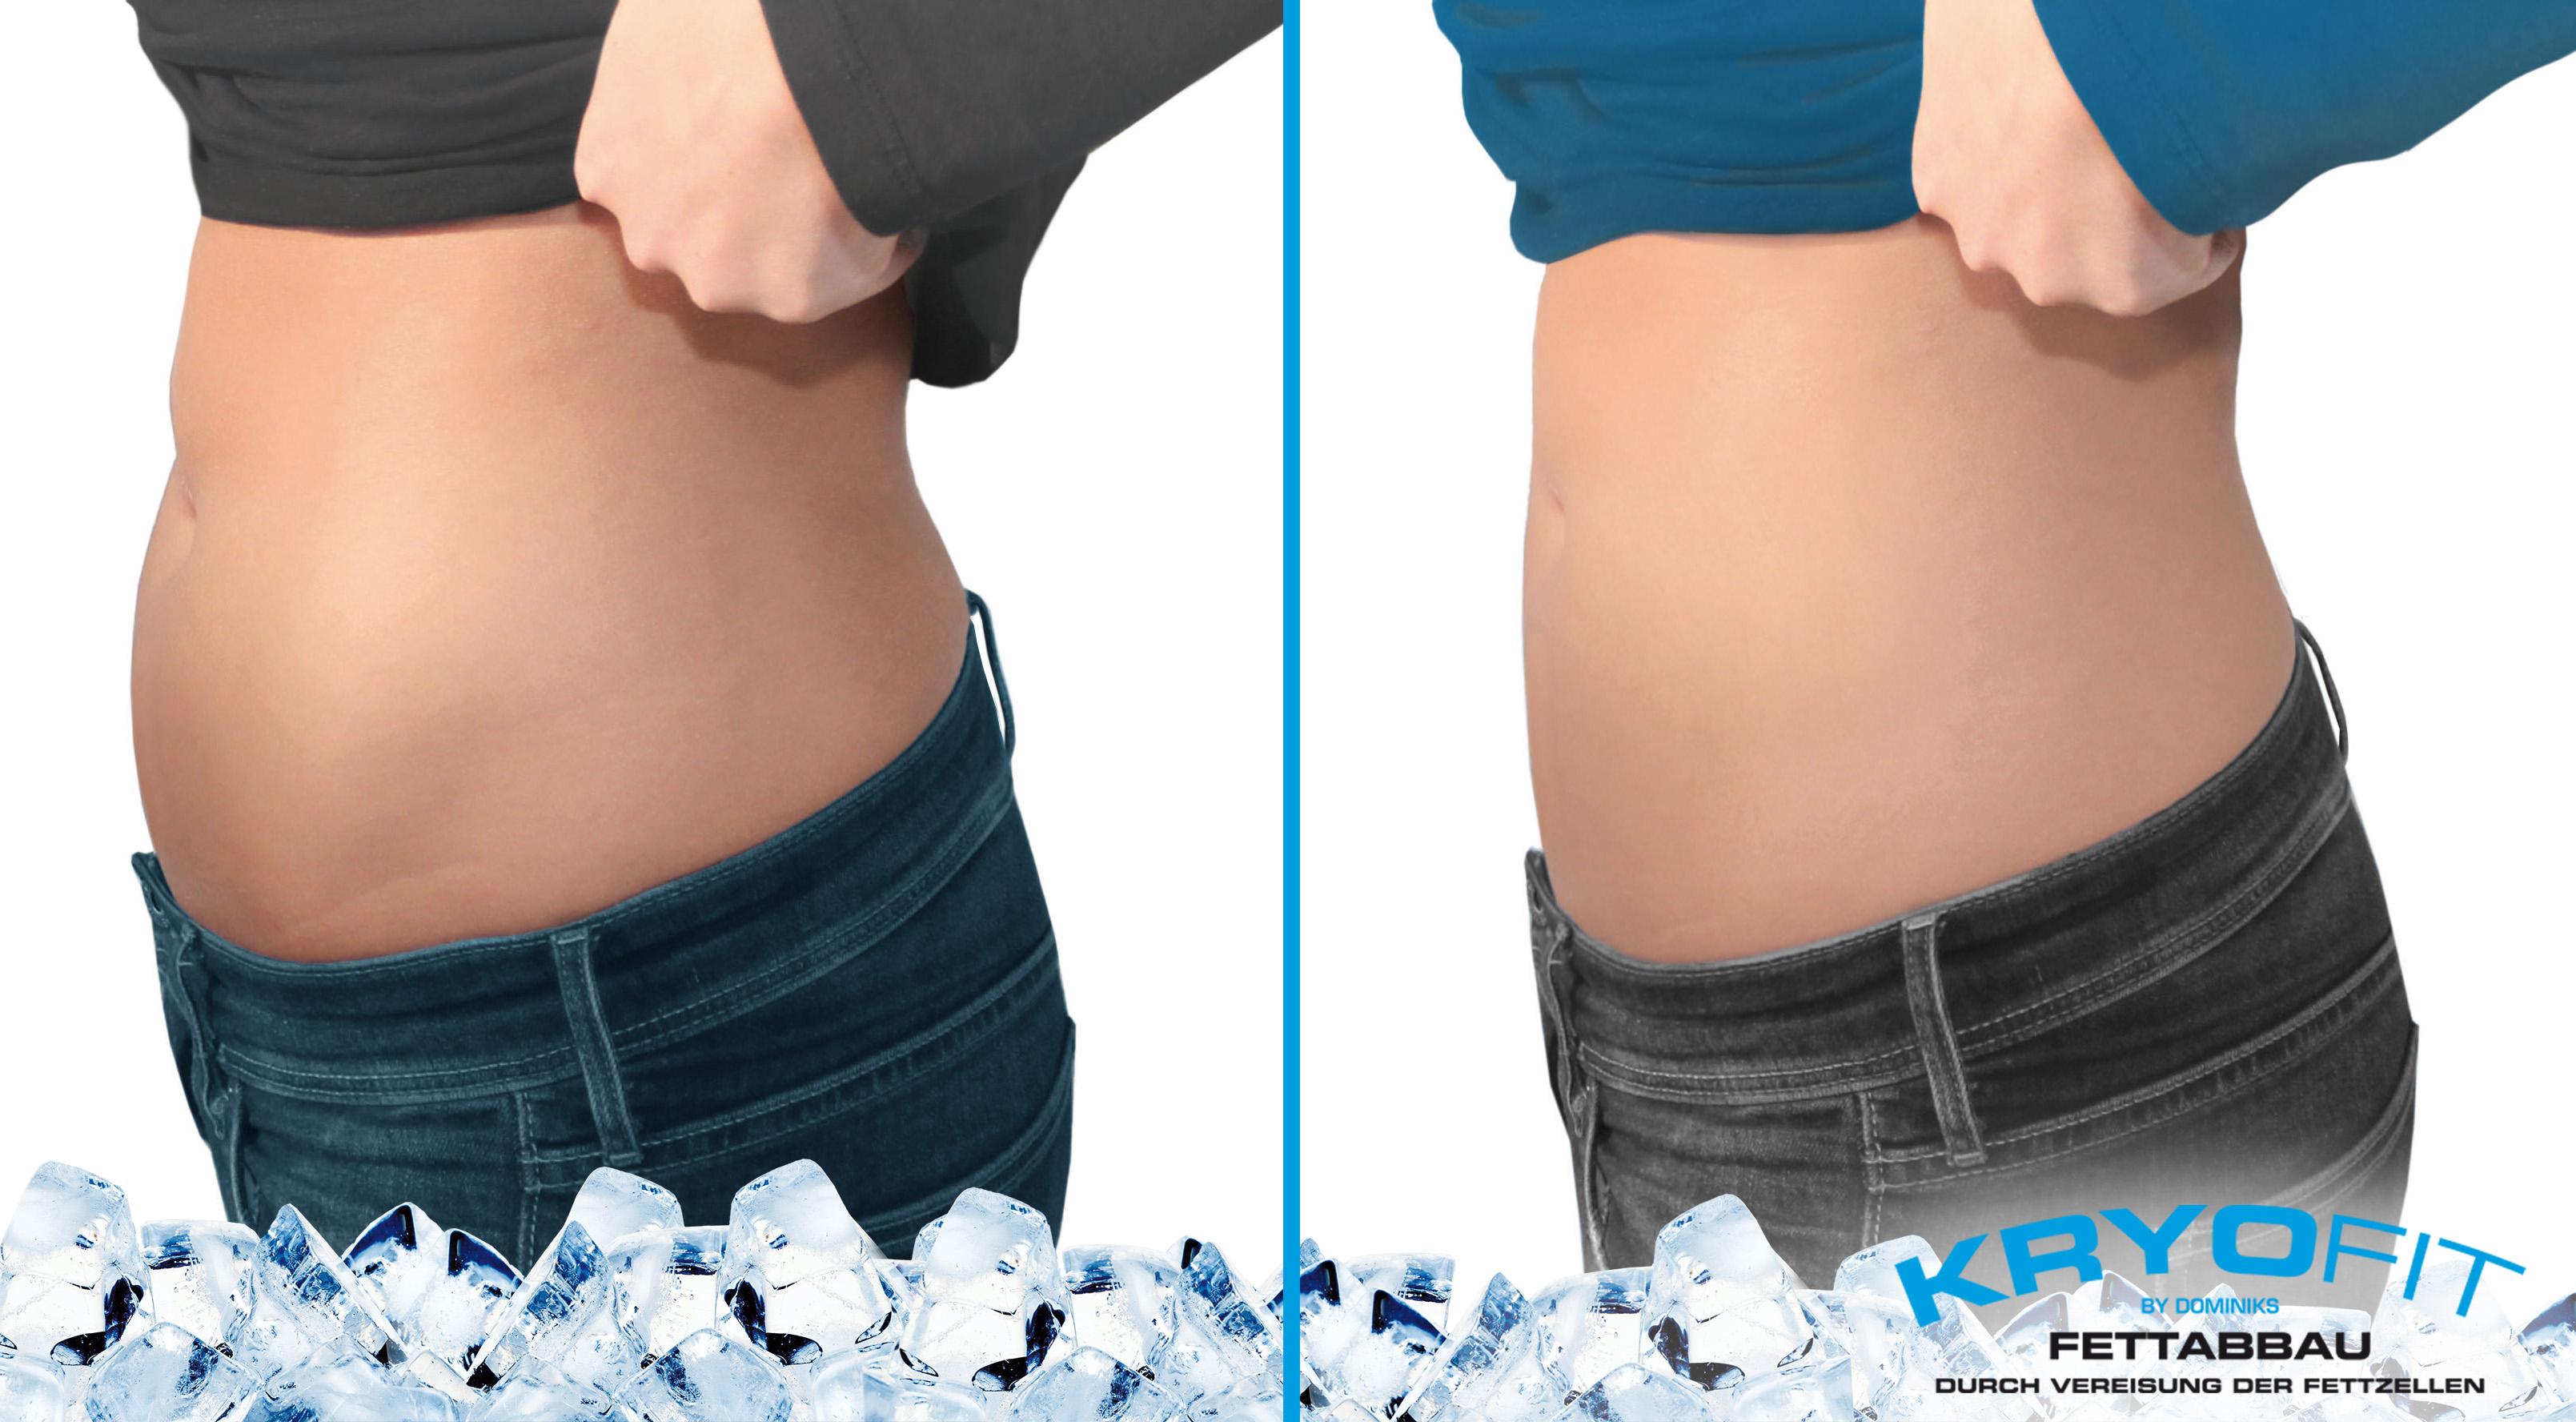 Kryolipolyse-Behandlung-Bauch-vorher-nachher